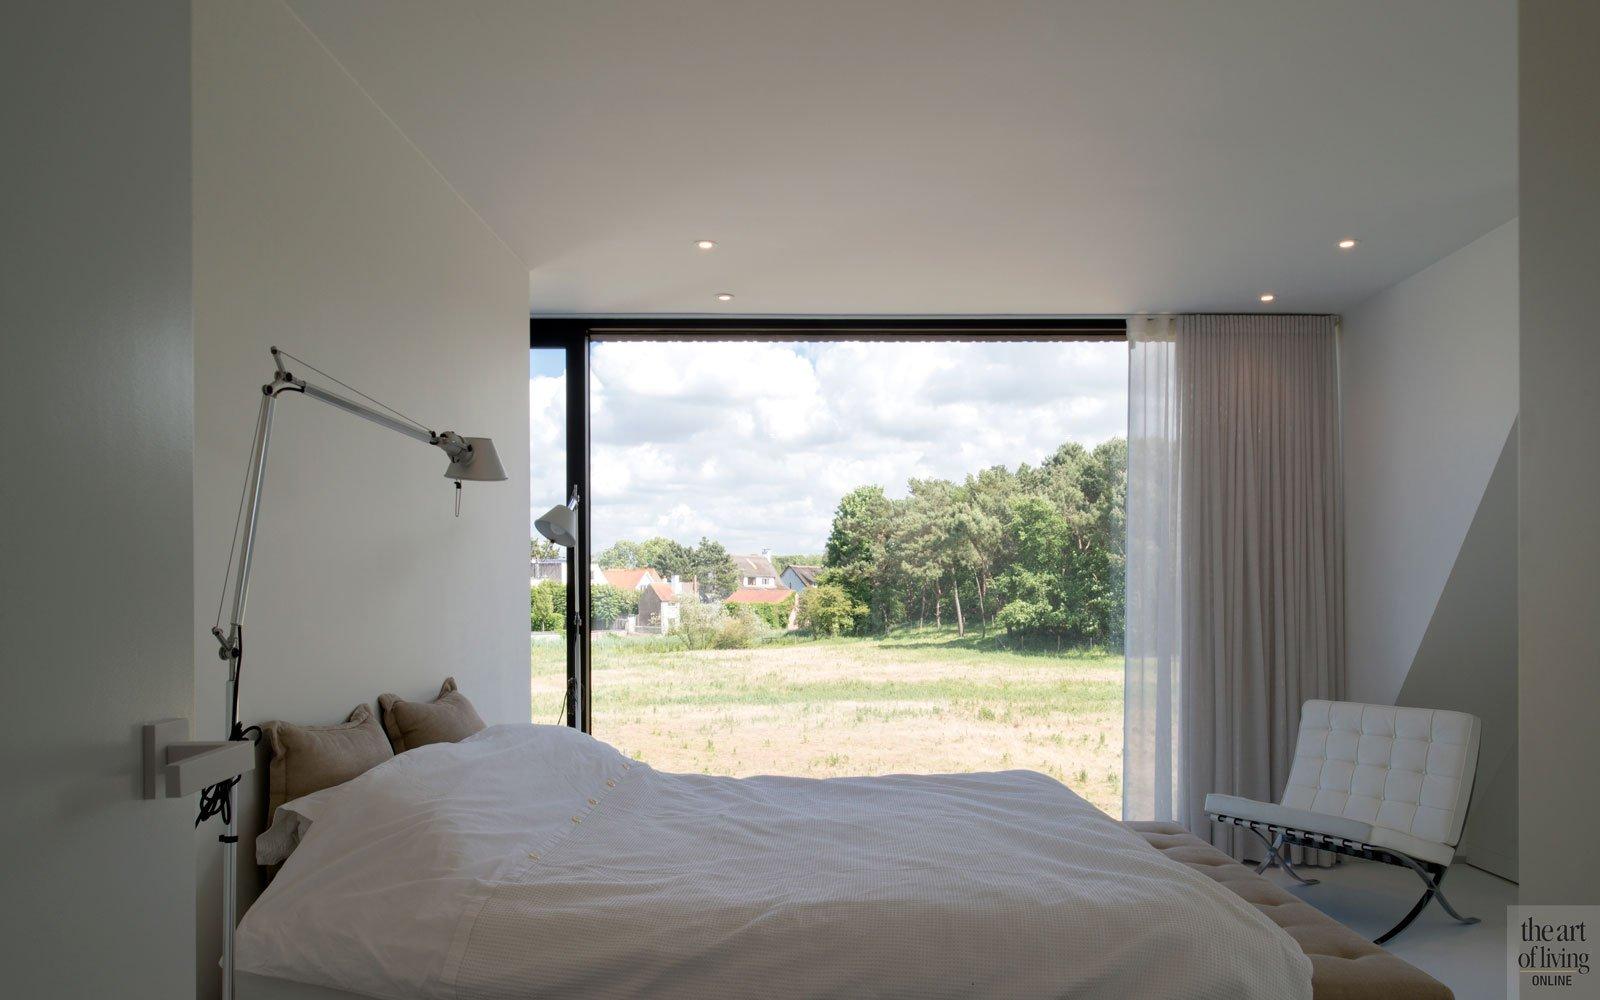 Slaapkamer, master bedroom, uitzicht, licht, ruime villa, HC Demyttenaere